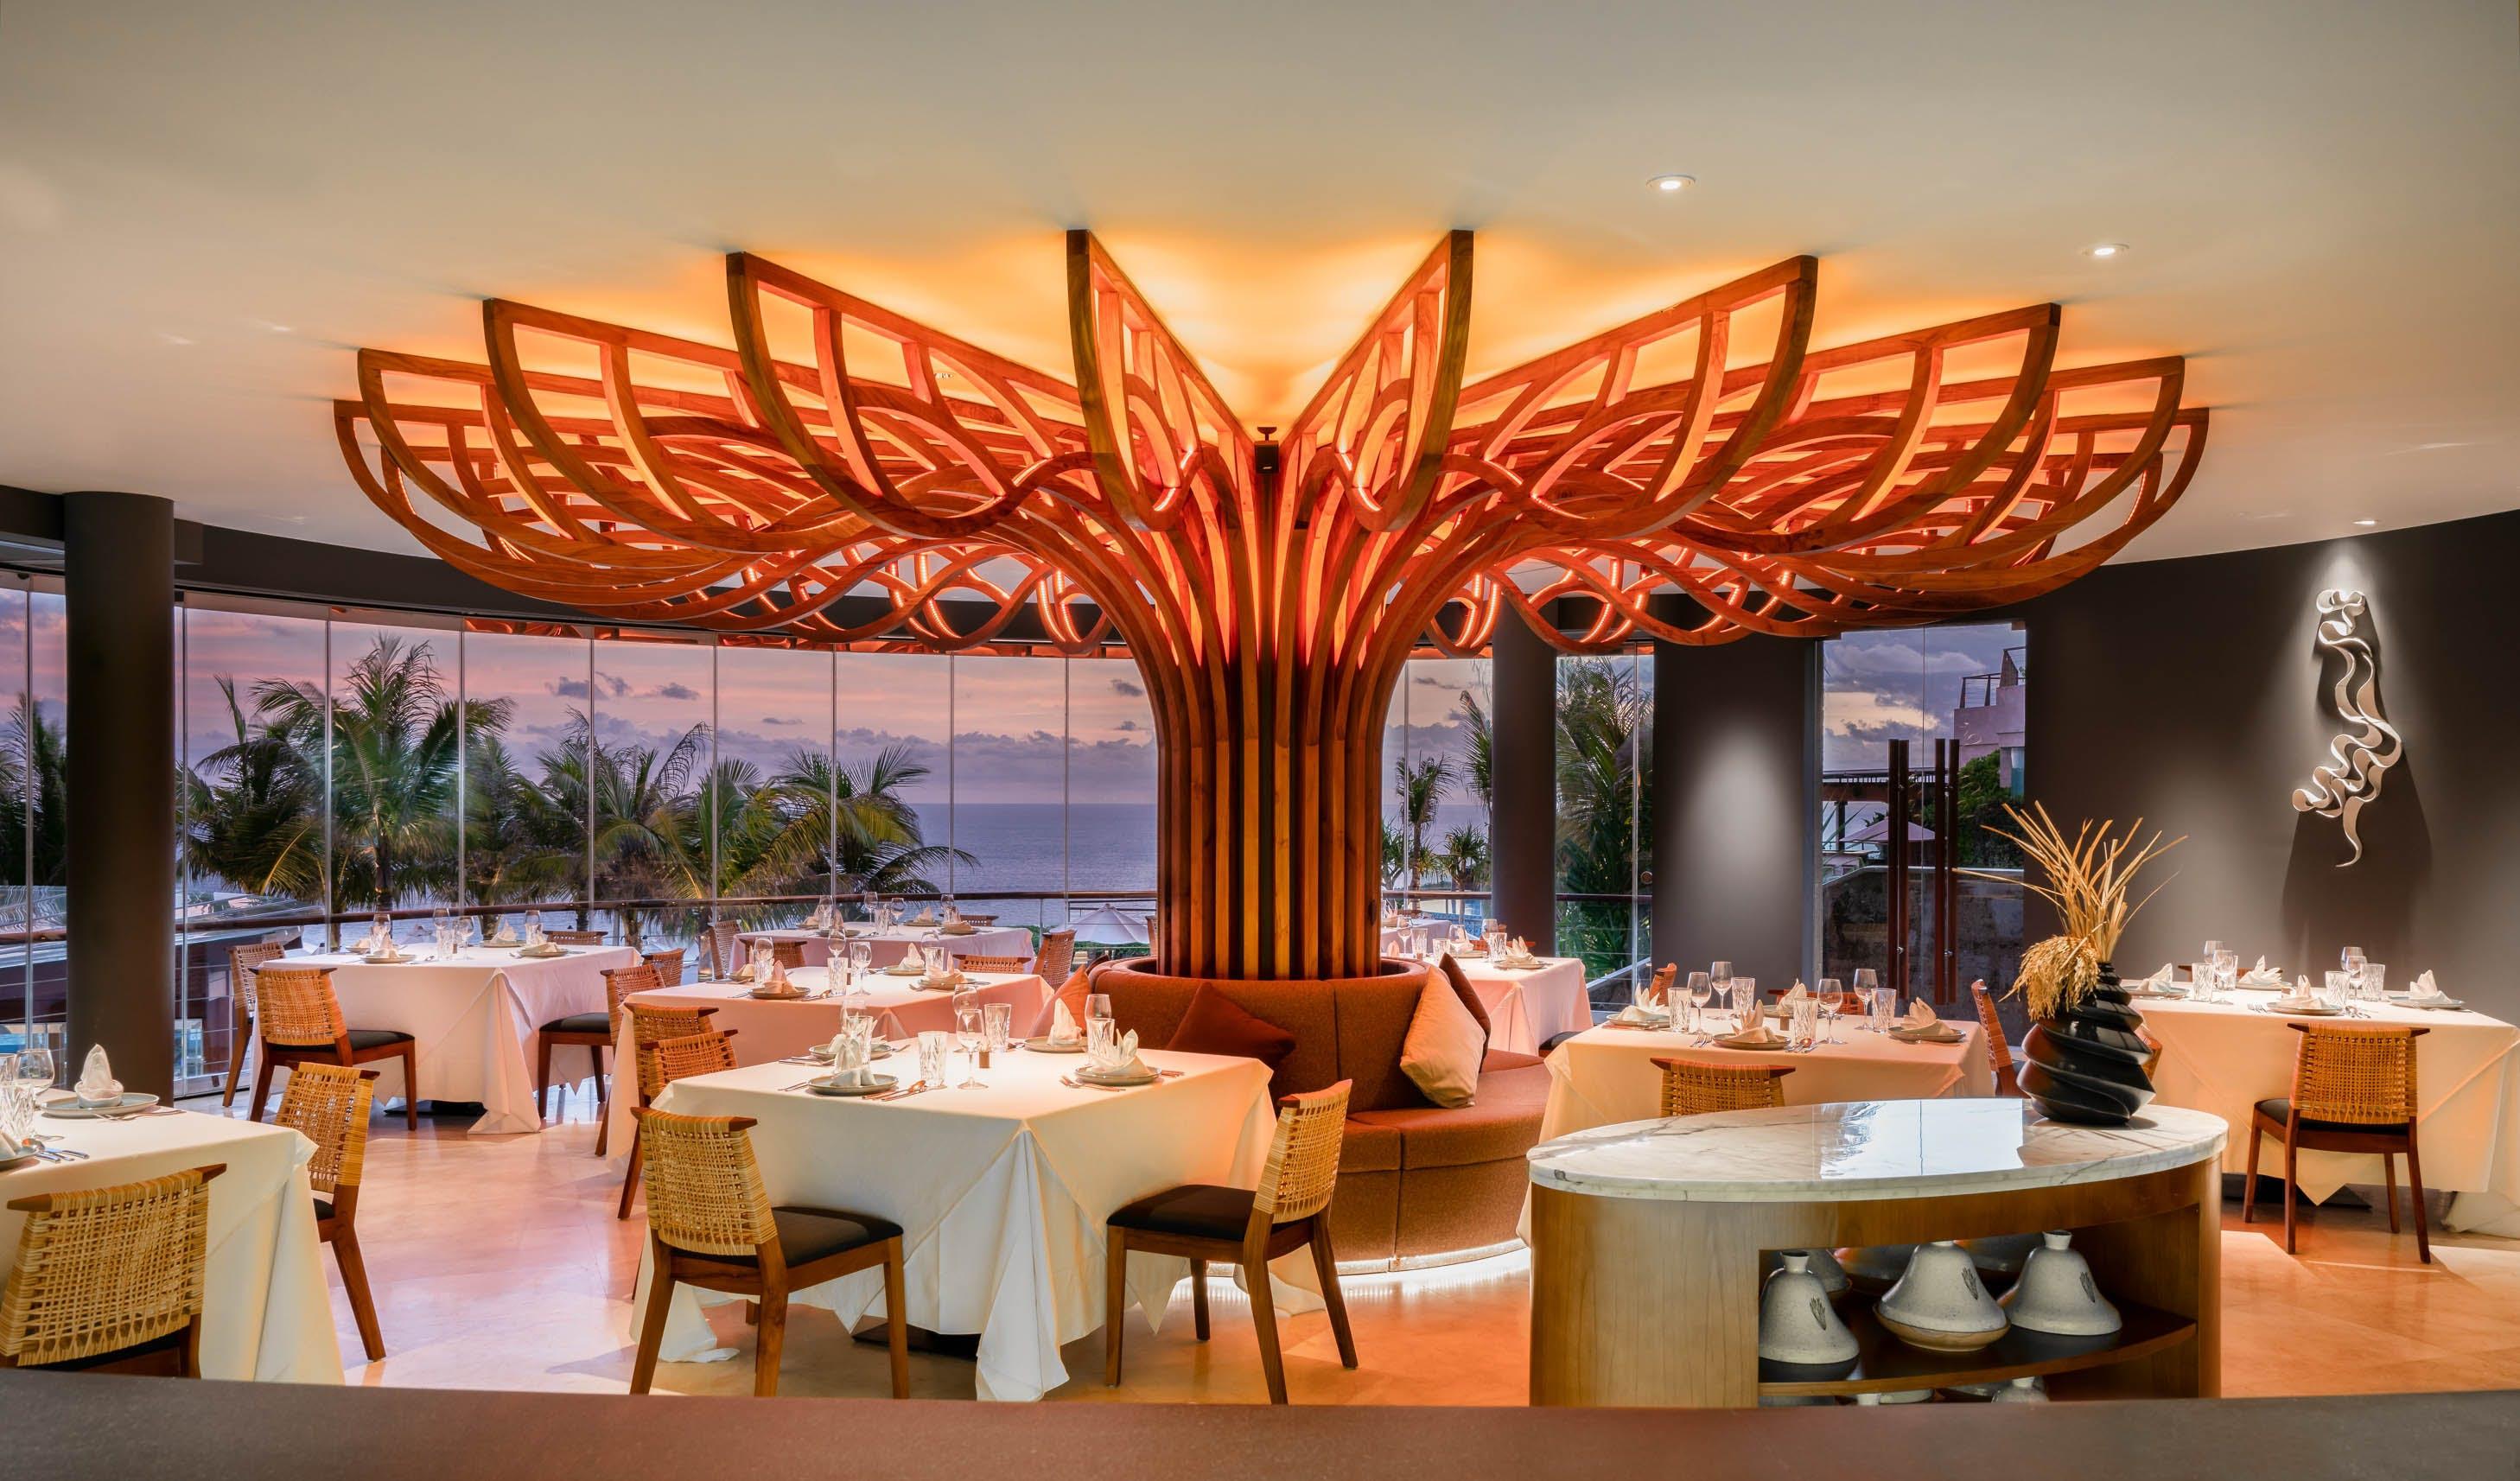 Biggest Challenges for Restaurants in 2020